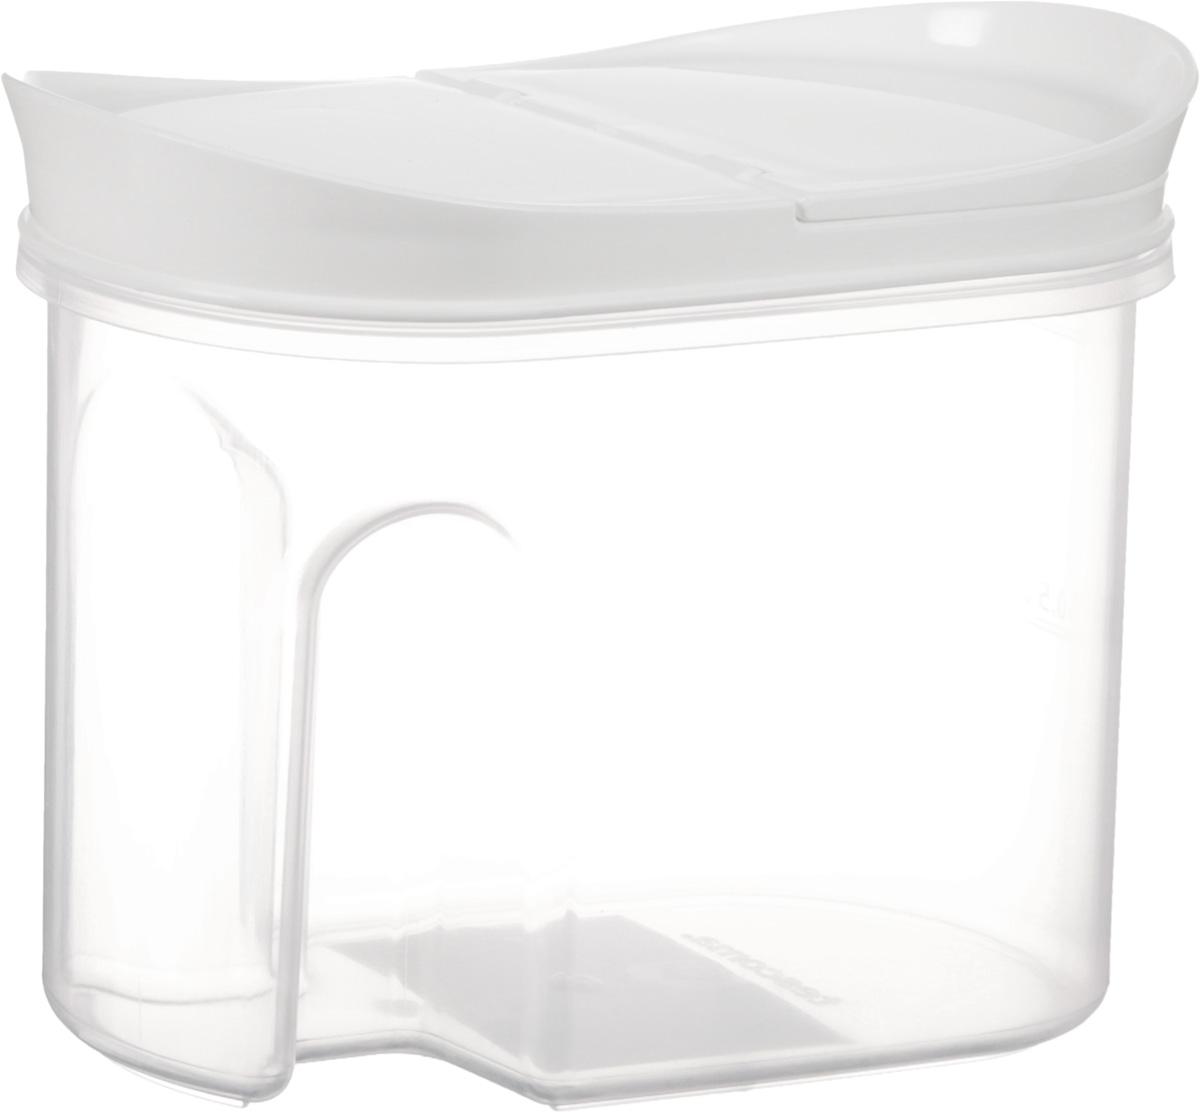 Контейнер для сыпучих продуктов Tescoma 4food, 1 л896950Контейнер с откидной крышкой Tescoma 4food изготовлен из высококачественного пластика и дополнен мерной шкалой. Изделие подходит для длительного хранения и дозирования продуктов питания. Лаконичный внешний вид изделия позволяет идеально вписать его в любой интерьер.Подходит для использования в холодильнике.Можно мыть в посудомоечной машине.Размер изделия (с учетом крышки): 18,5 х 10 х 14 см.